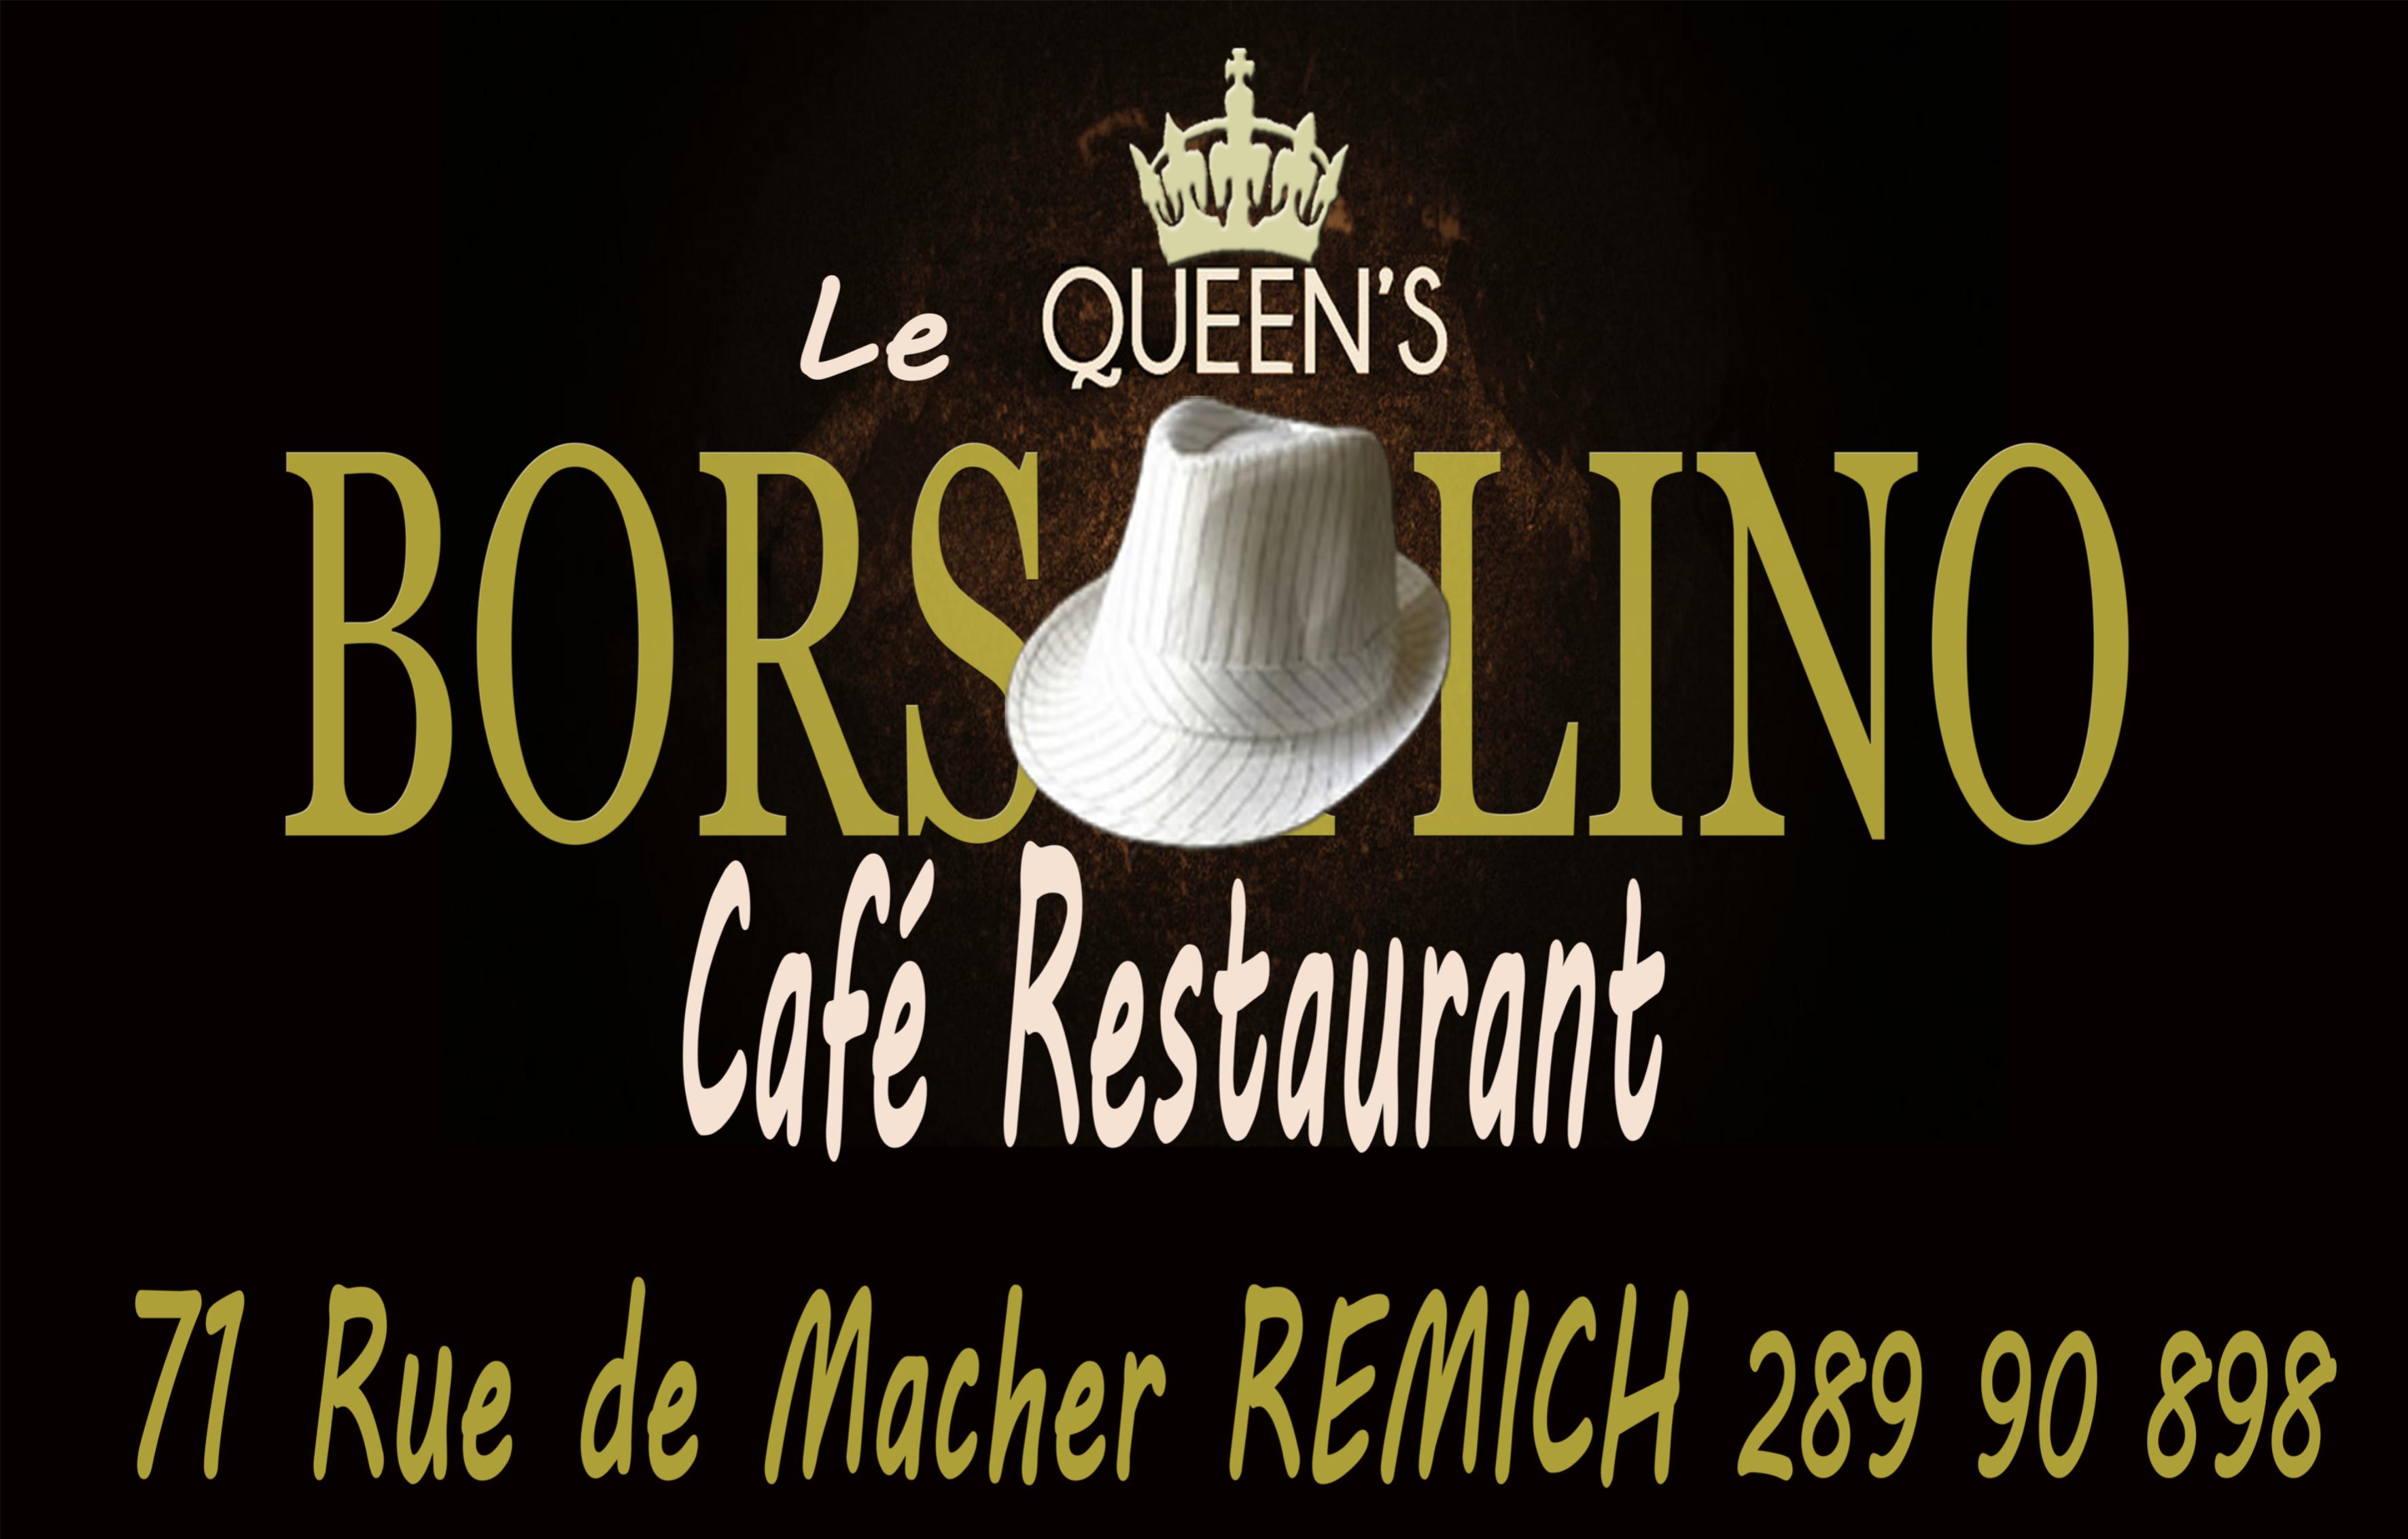 ! NEW PIKES SPONSOR ! Café-restaurant Le QUEEN'S BORSALINO